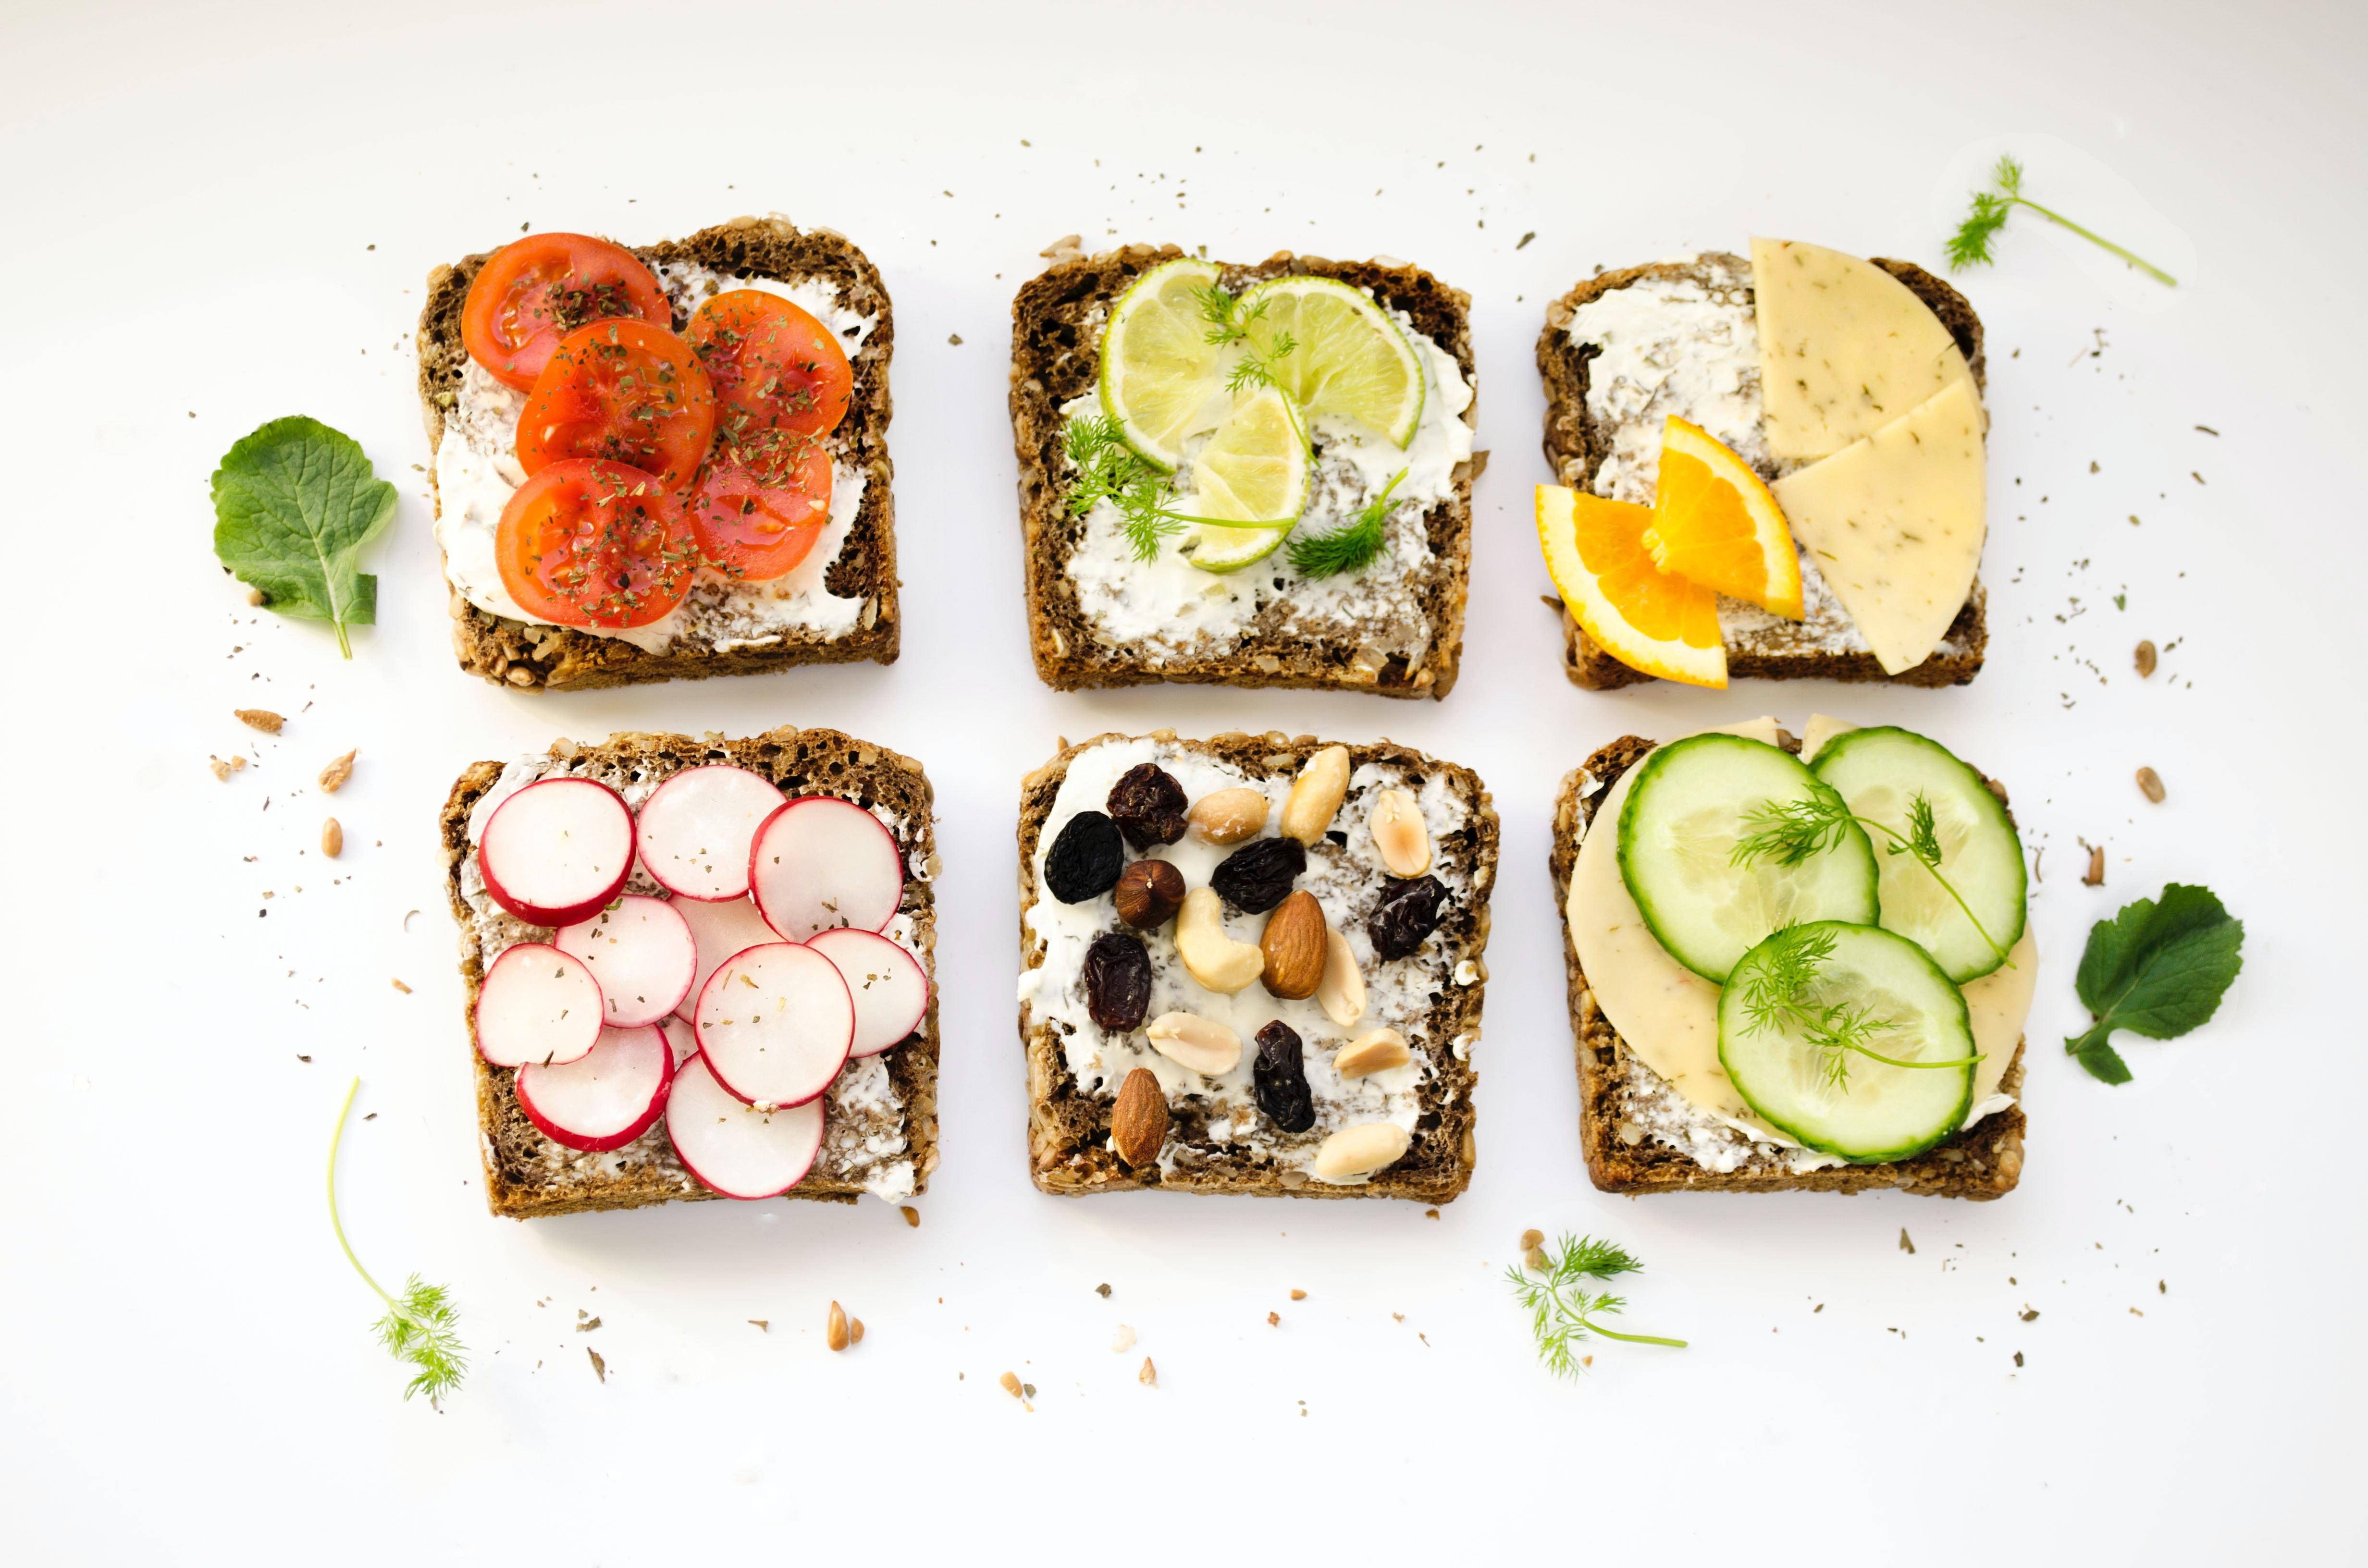 Ernährung im Pflegeheim: Für jeden was dabei: Wer die Wahl hat, empfindet mehr Genuss (Foto: Ola Mishchenko/Unsplash)